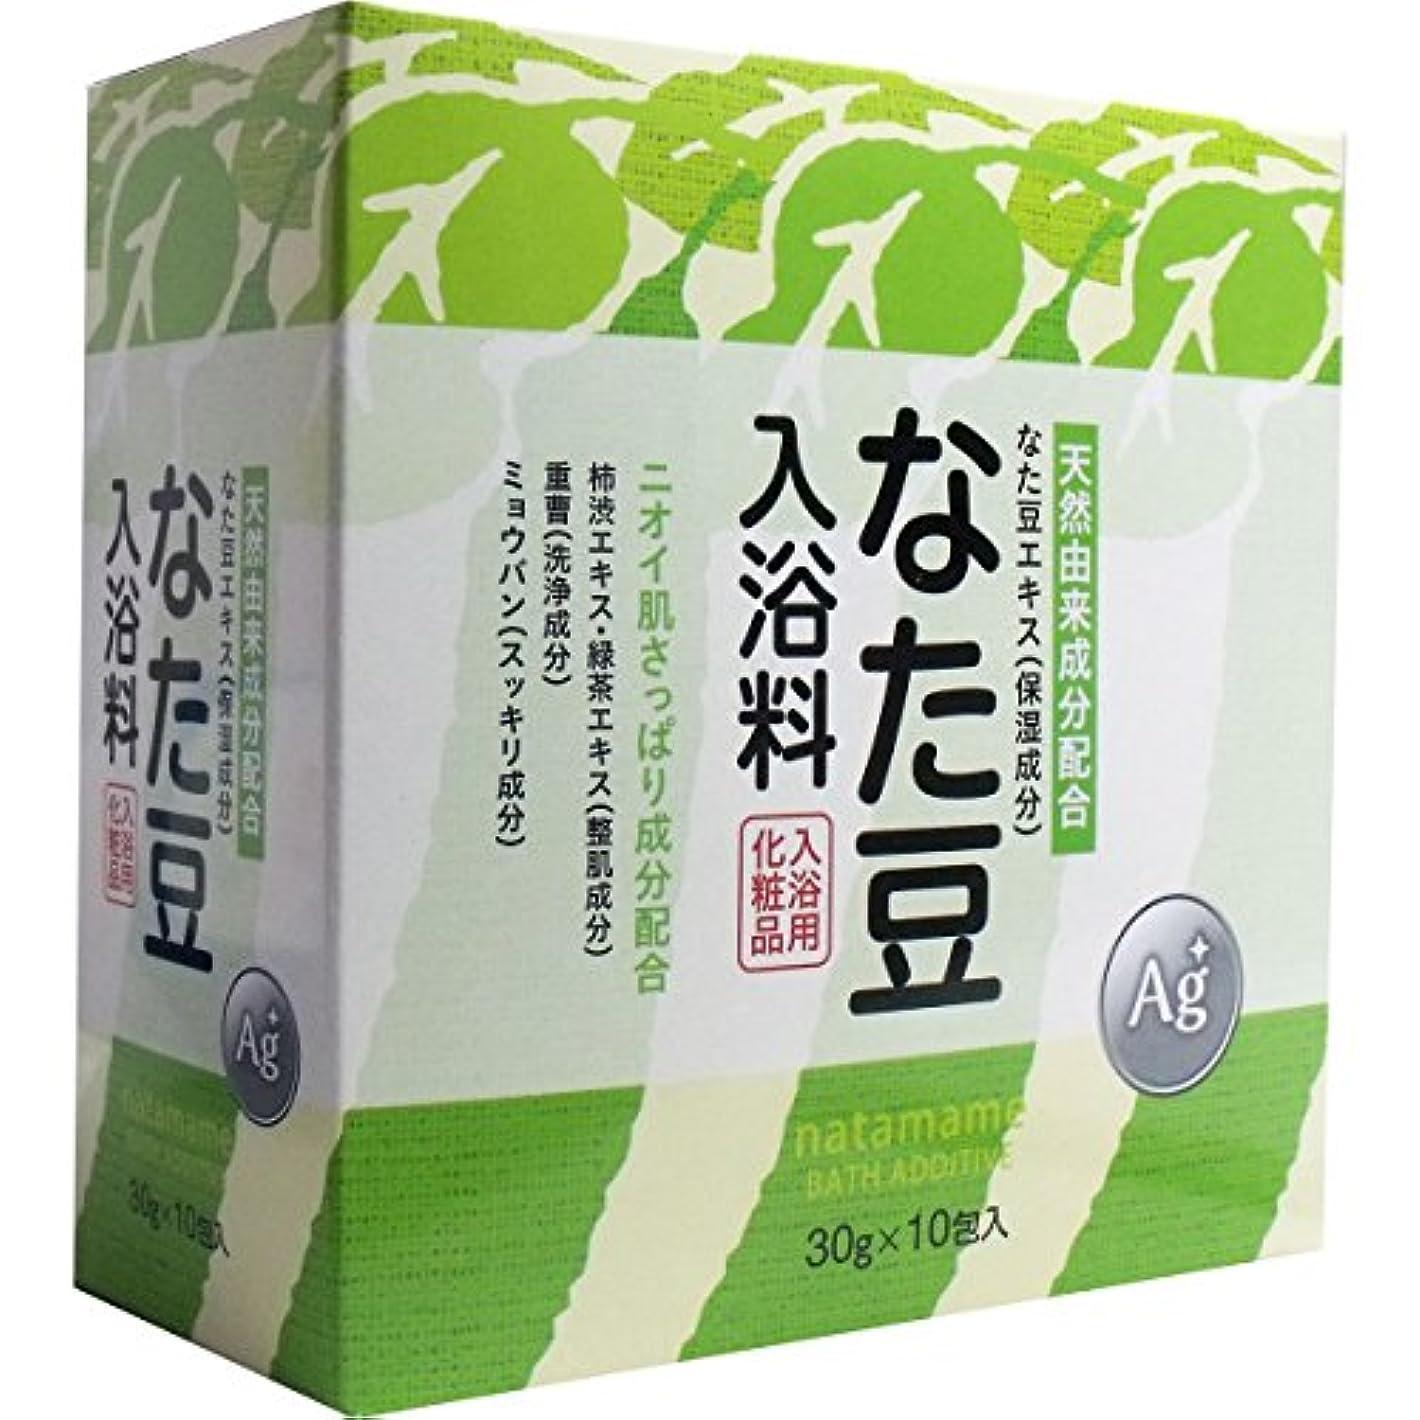 セグメントオートフレキシブルなた豆入浴料 入浴用化粧品 30g×10包入×4